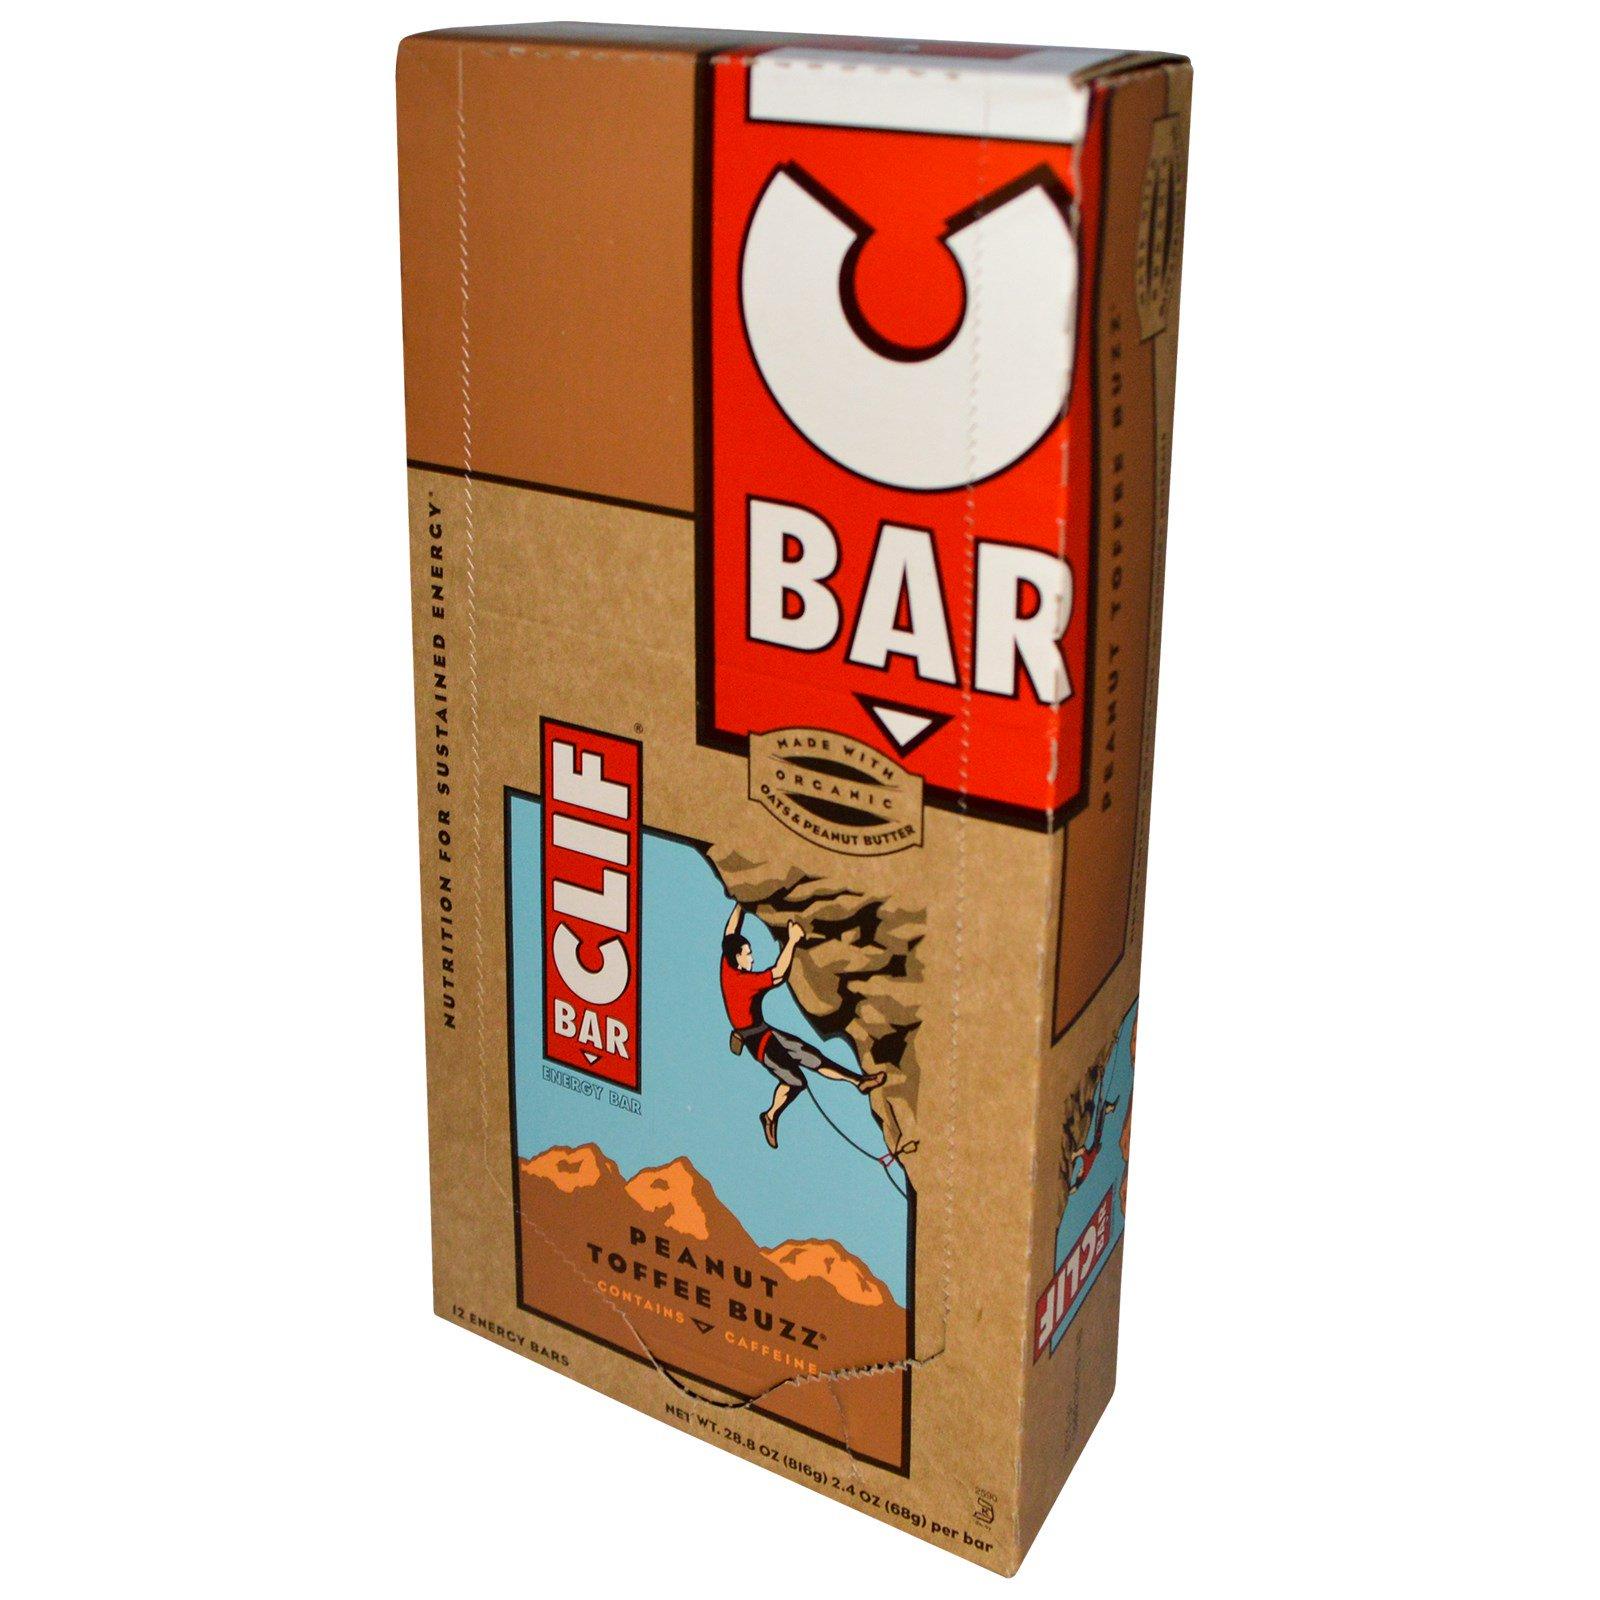 Clif Bar, Энергетический батончик, Peanut Toffee Buzz, 12 батончиков, 2,4 унц. (68 г) каждый